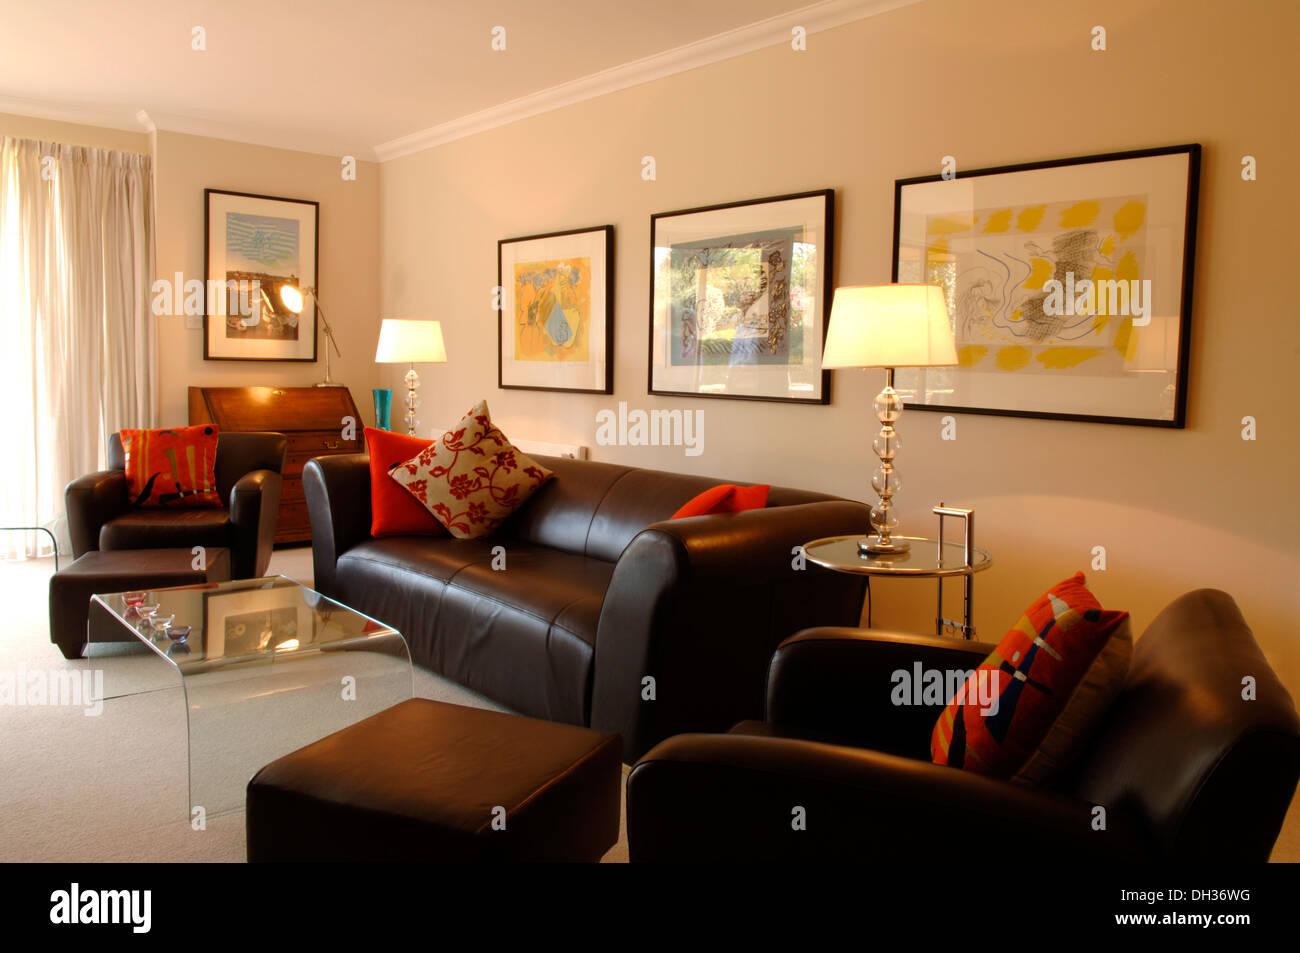 Wohnzimmer Mit Ledersofa Und Sessel Couchtisch Aus Glas Rot